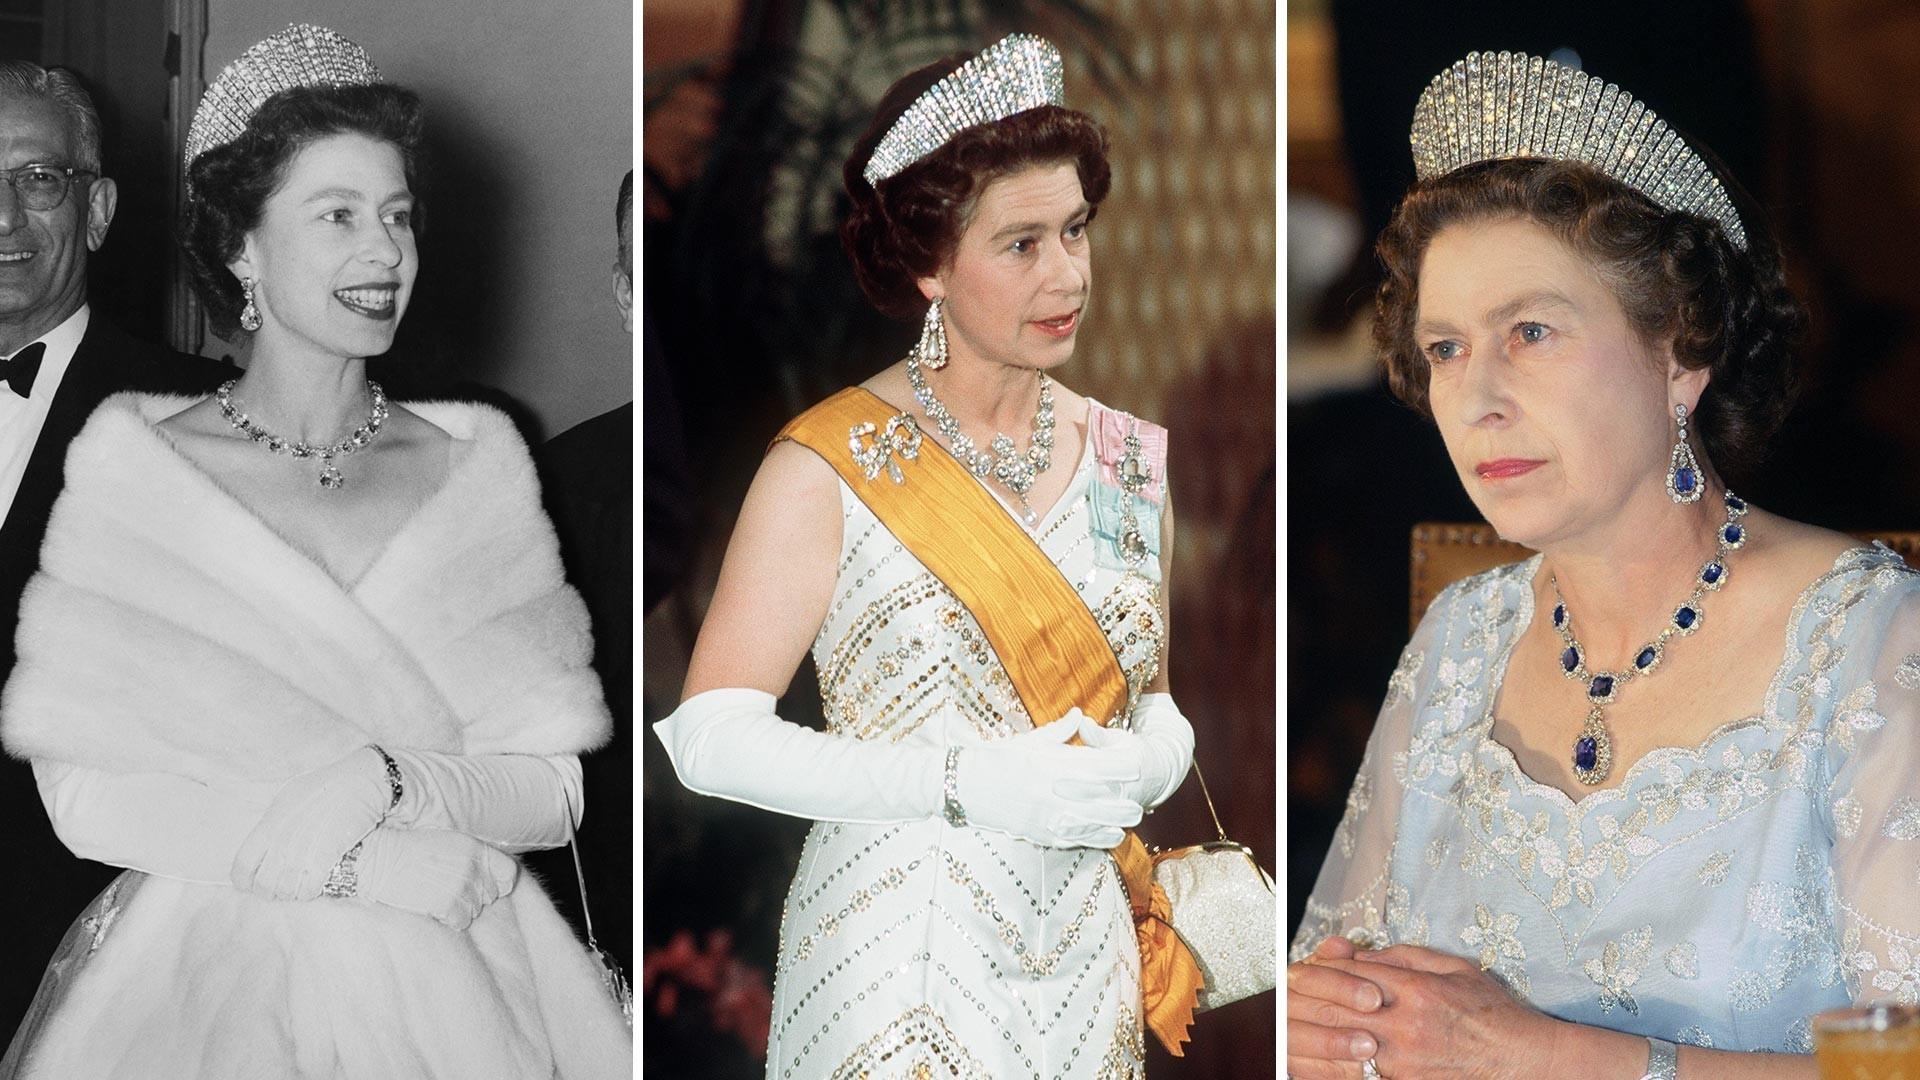 Rainha Elizabeth 2ª chega a almoço oferecido pelo governante de Pexauar durante uma visita da Comunidade das Nações ao Paquistão, em 4 de fevereiro de 1961; rainha Elizabeth 2ª vestida com trajes completos em 1975; e novamente rainha Elizabeth 2ª durante um banquete na Índia, em 1983